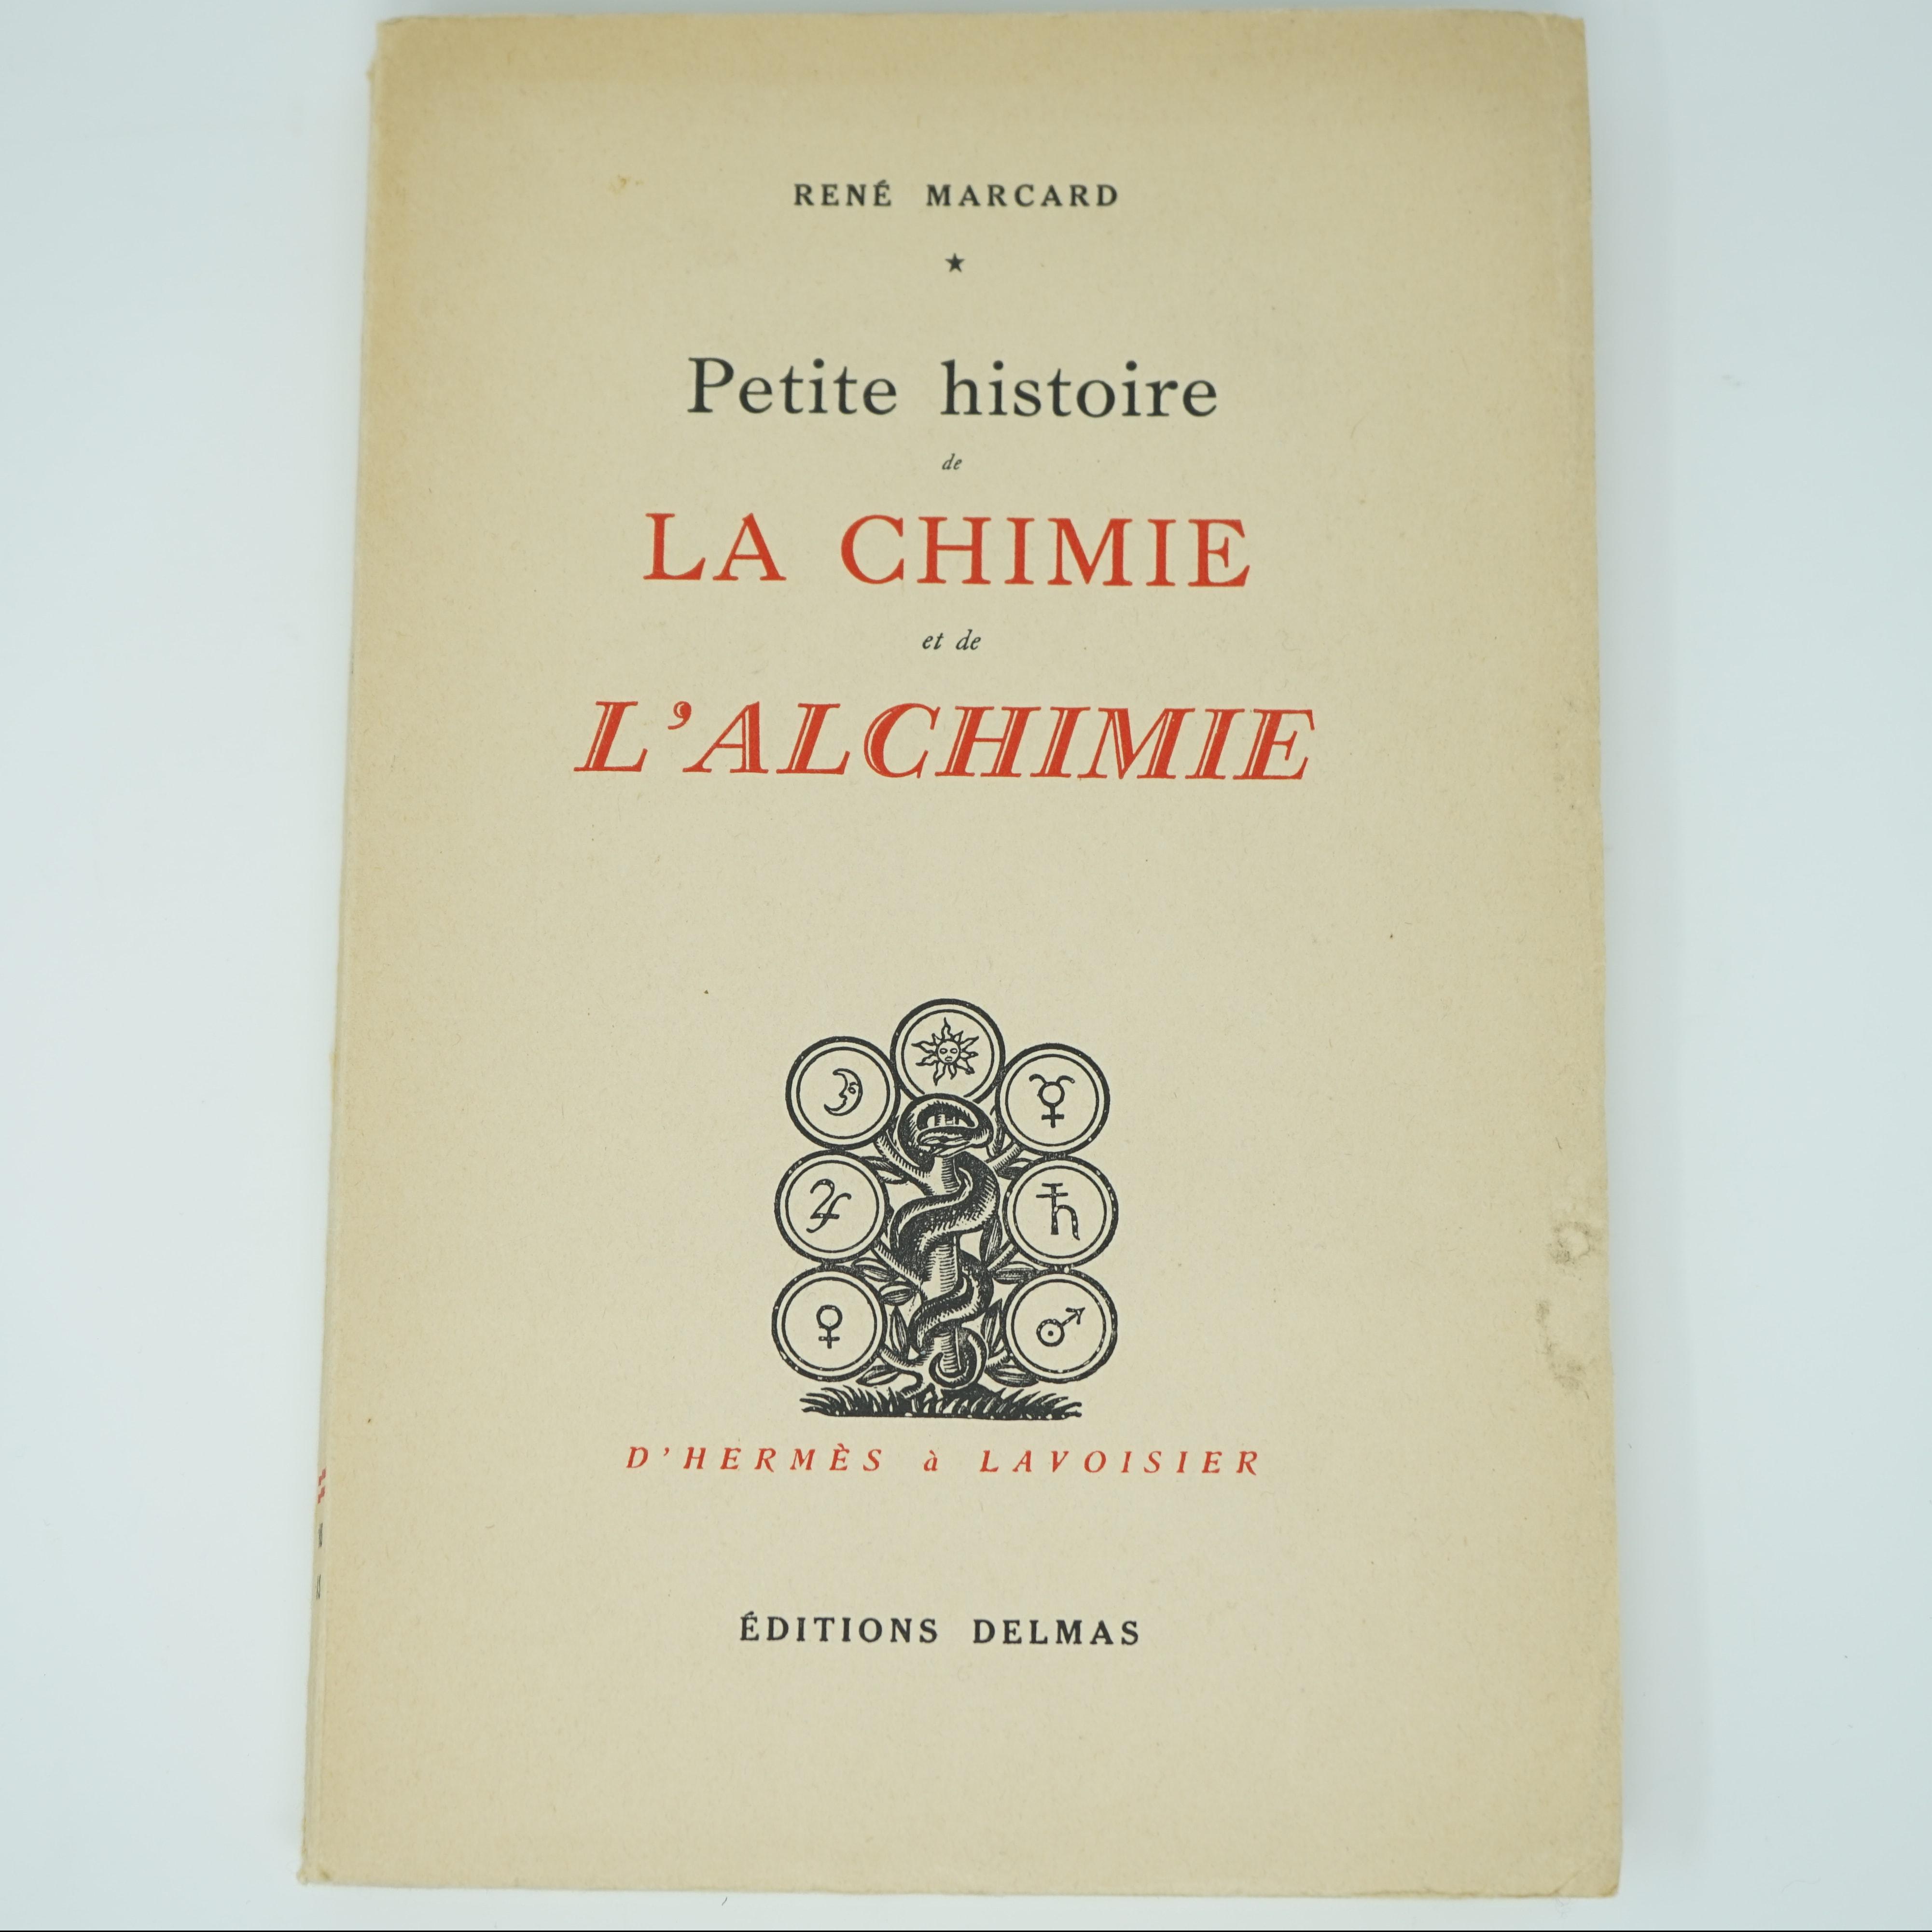 Petite Histoire de la Chimie et de l'Alchimie